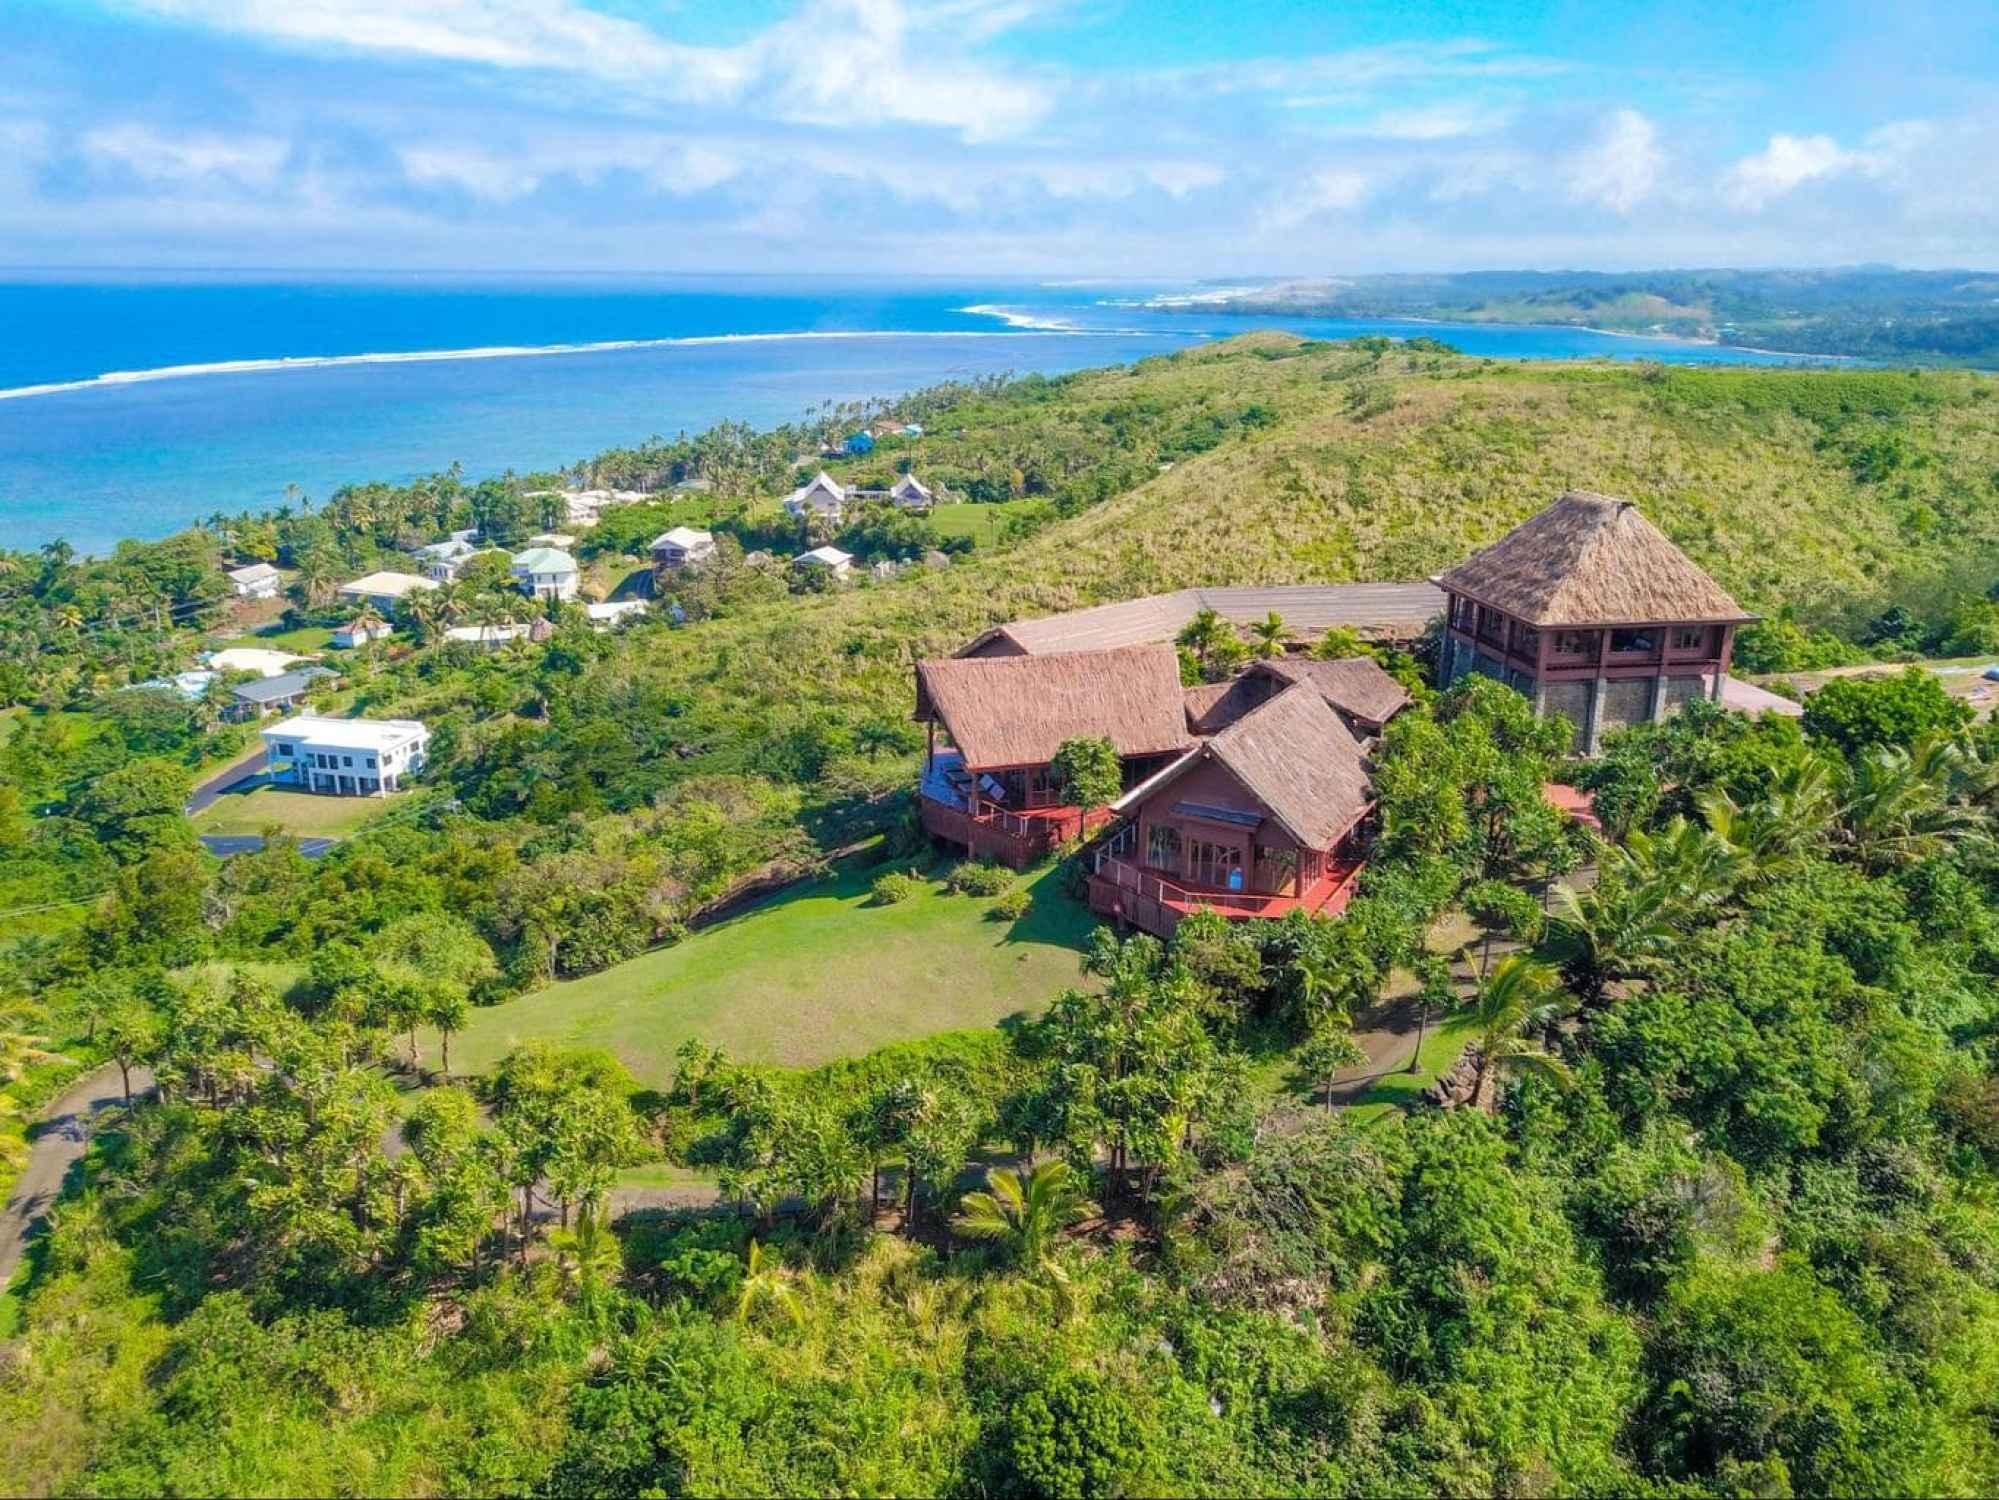 The Bebe Spa at Outrigger Fiji Beach Resort